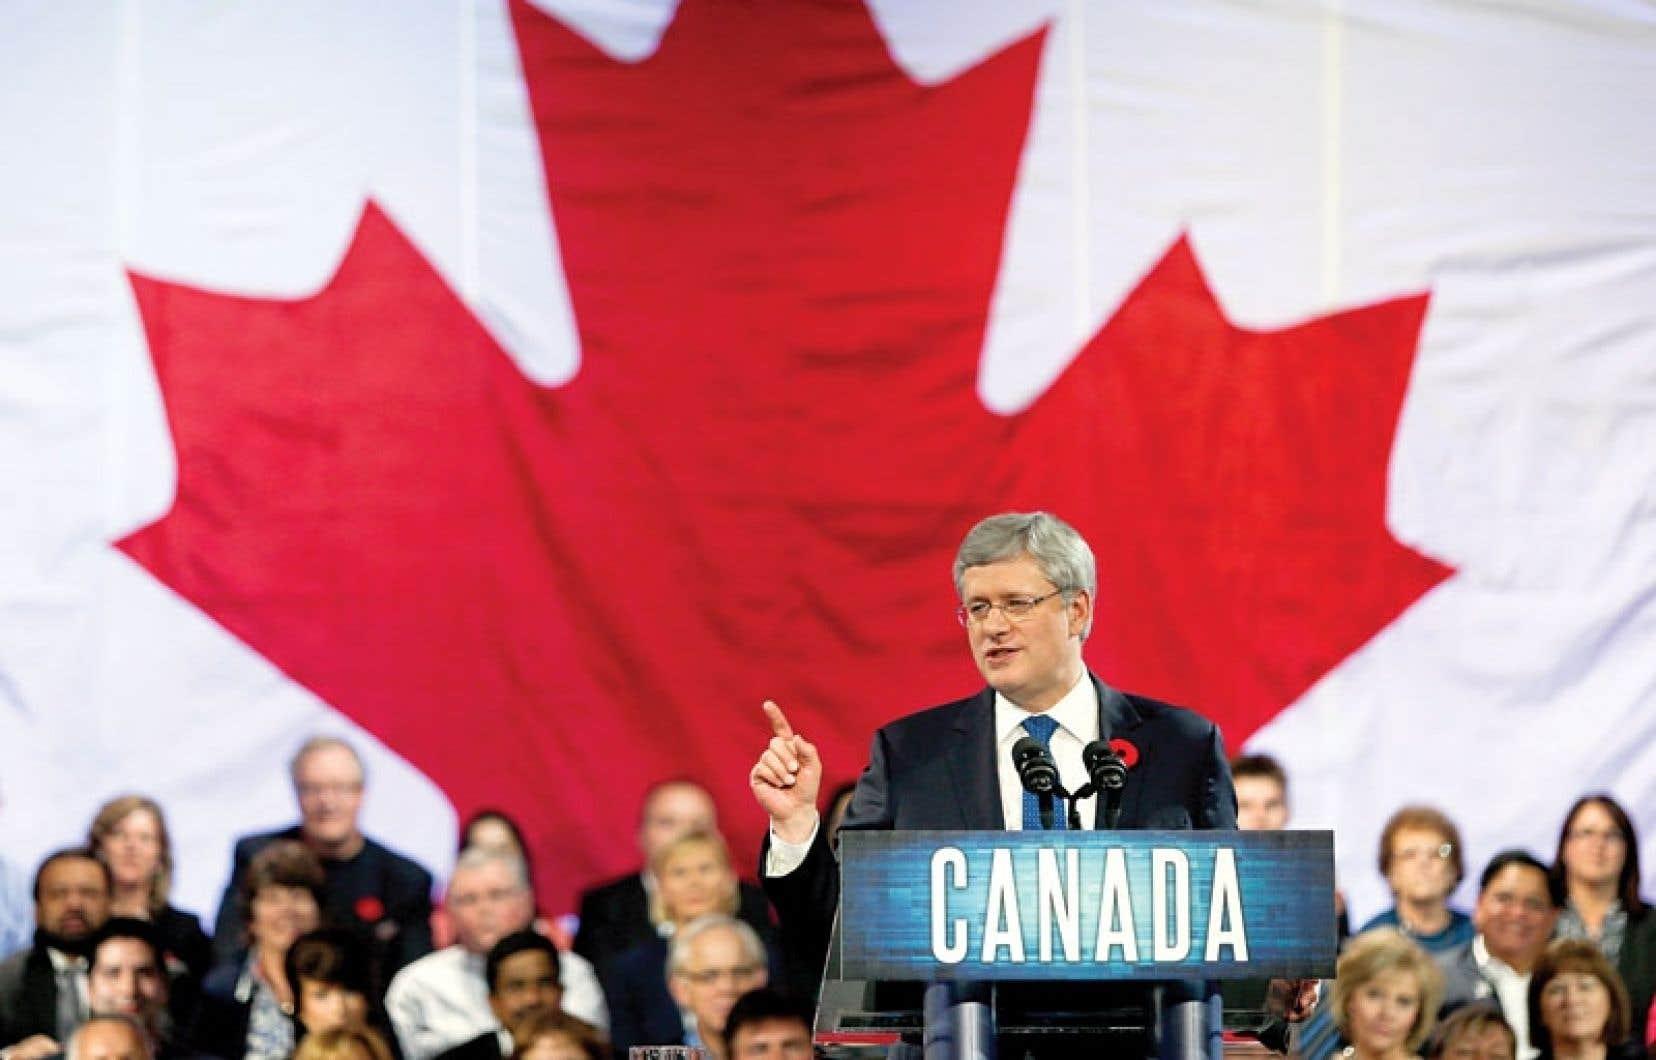 Le discours de Stephen Harper faisait partie d'un plan pour donner un second souffle au gouvernement conservateur, ébranlé par le scandale du Sénat.